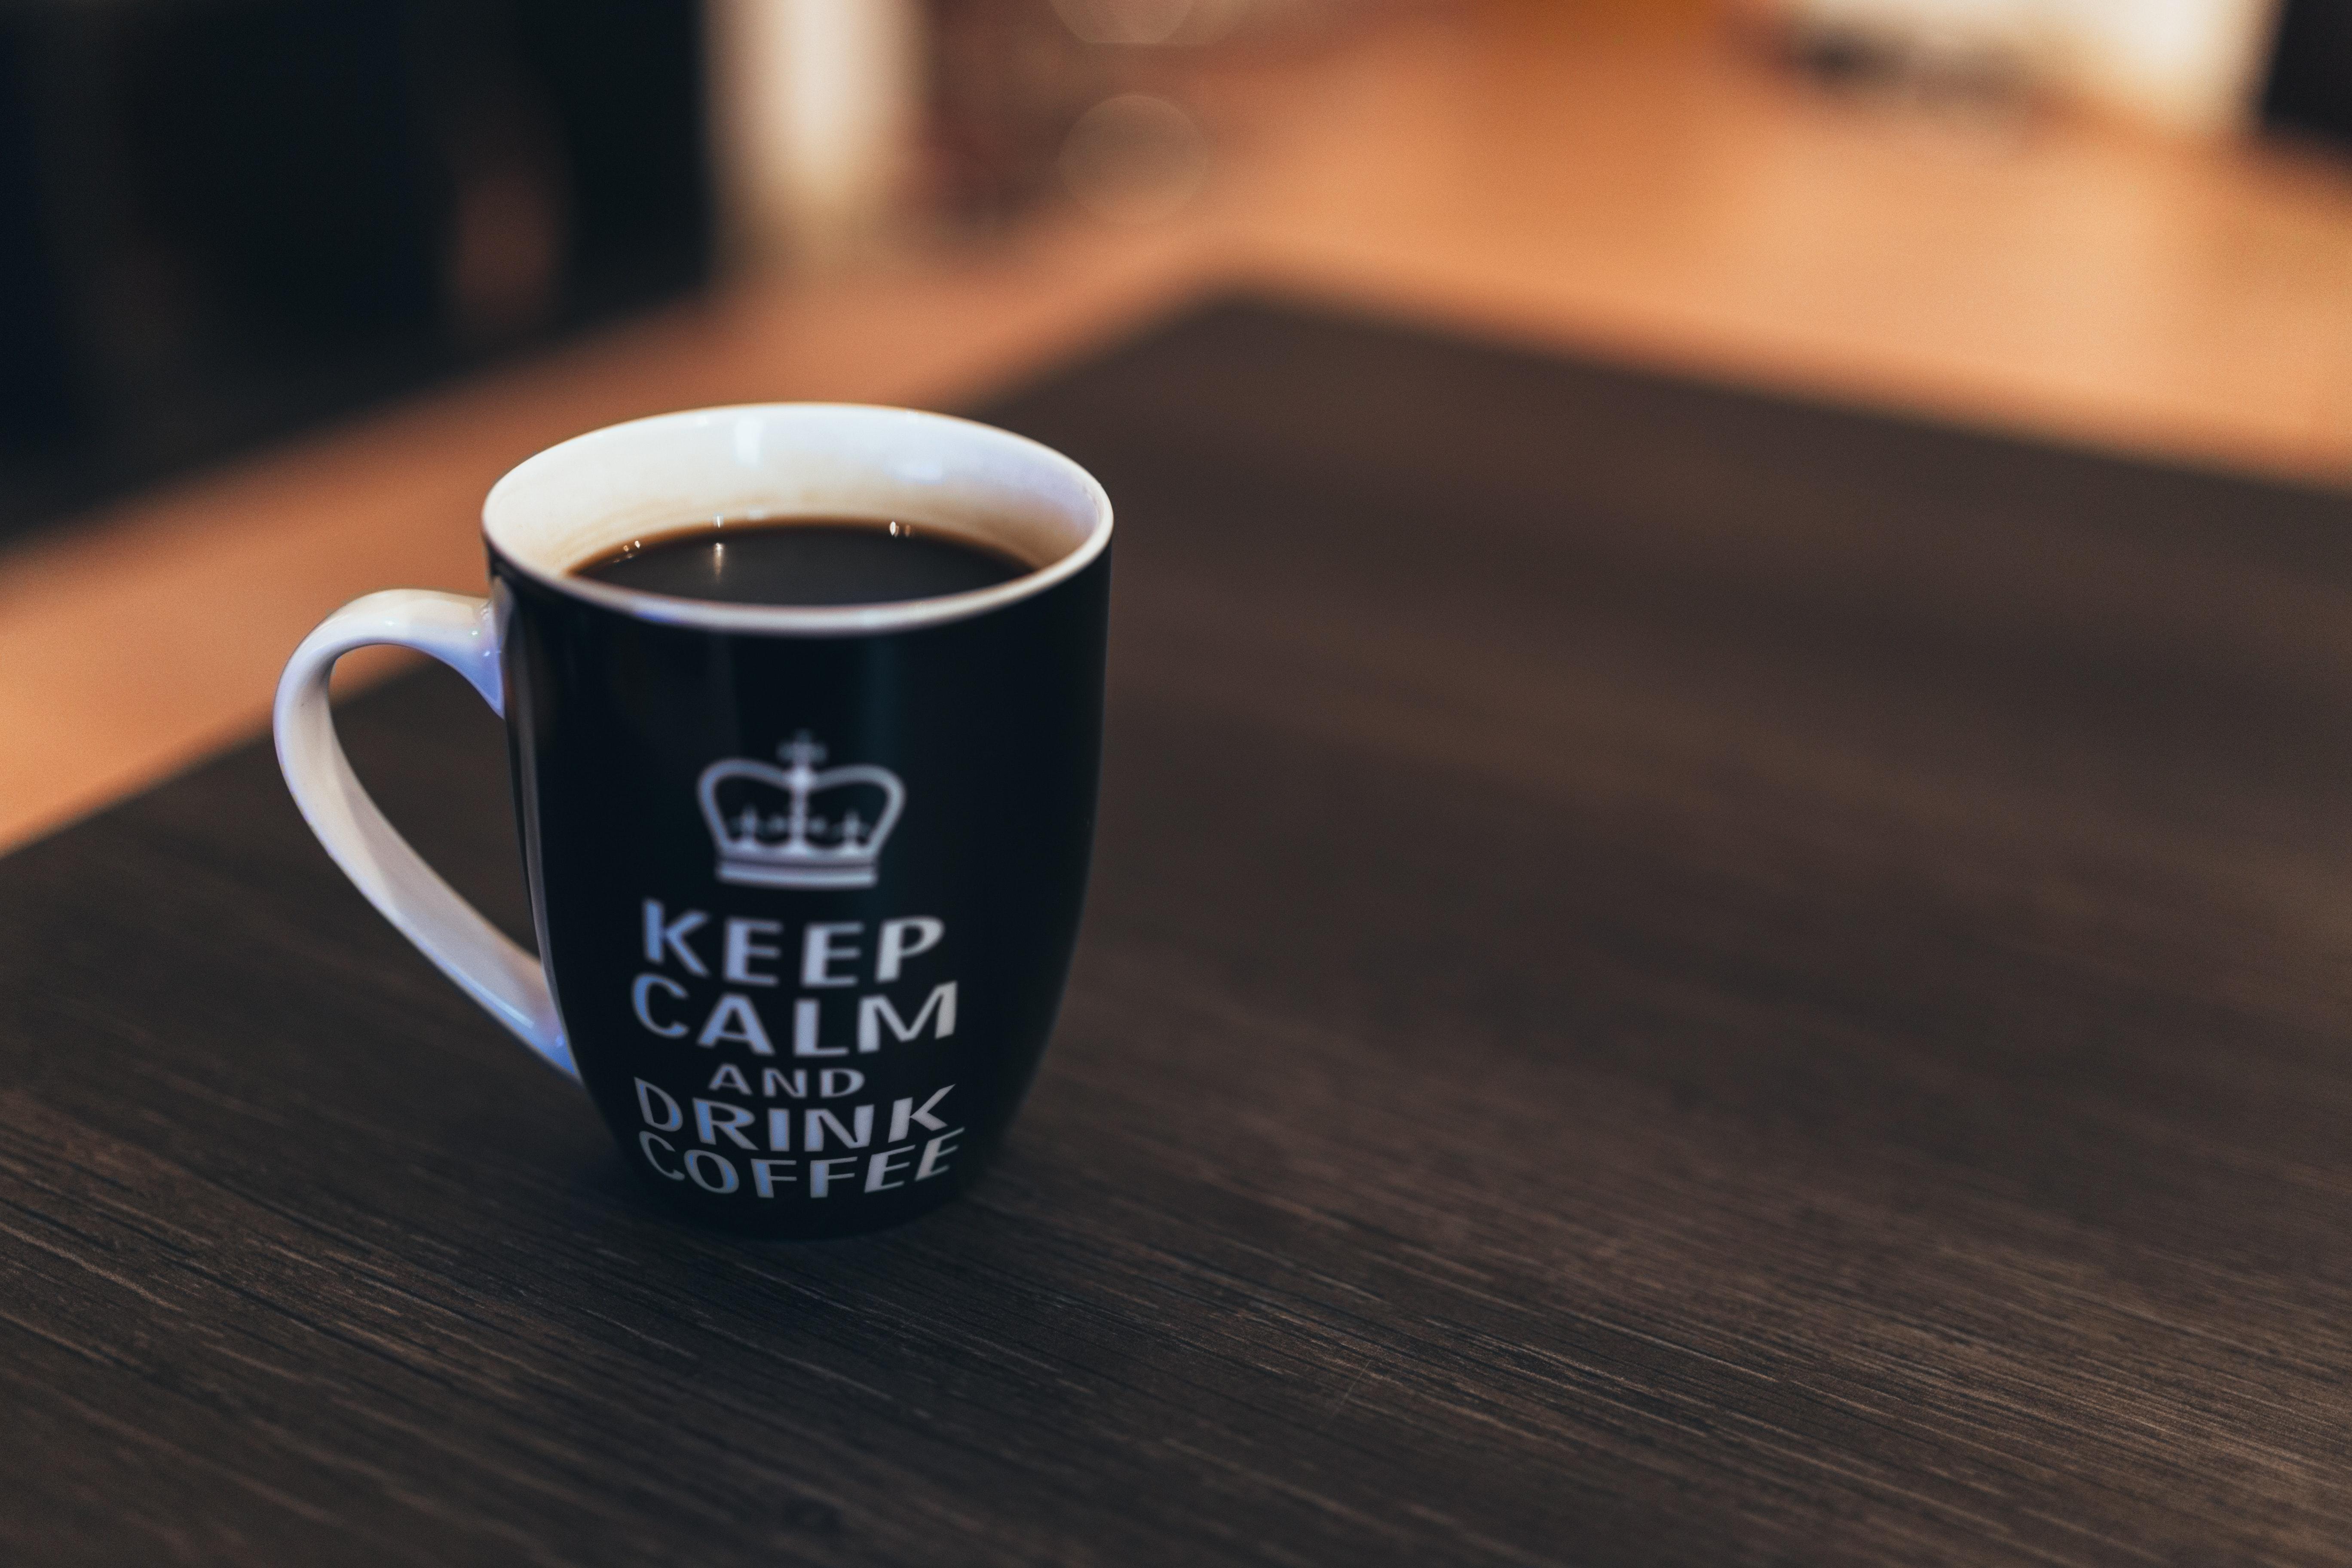 caffeine-coffee-cup-desk-34644 (1)